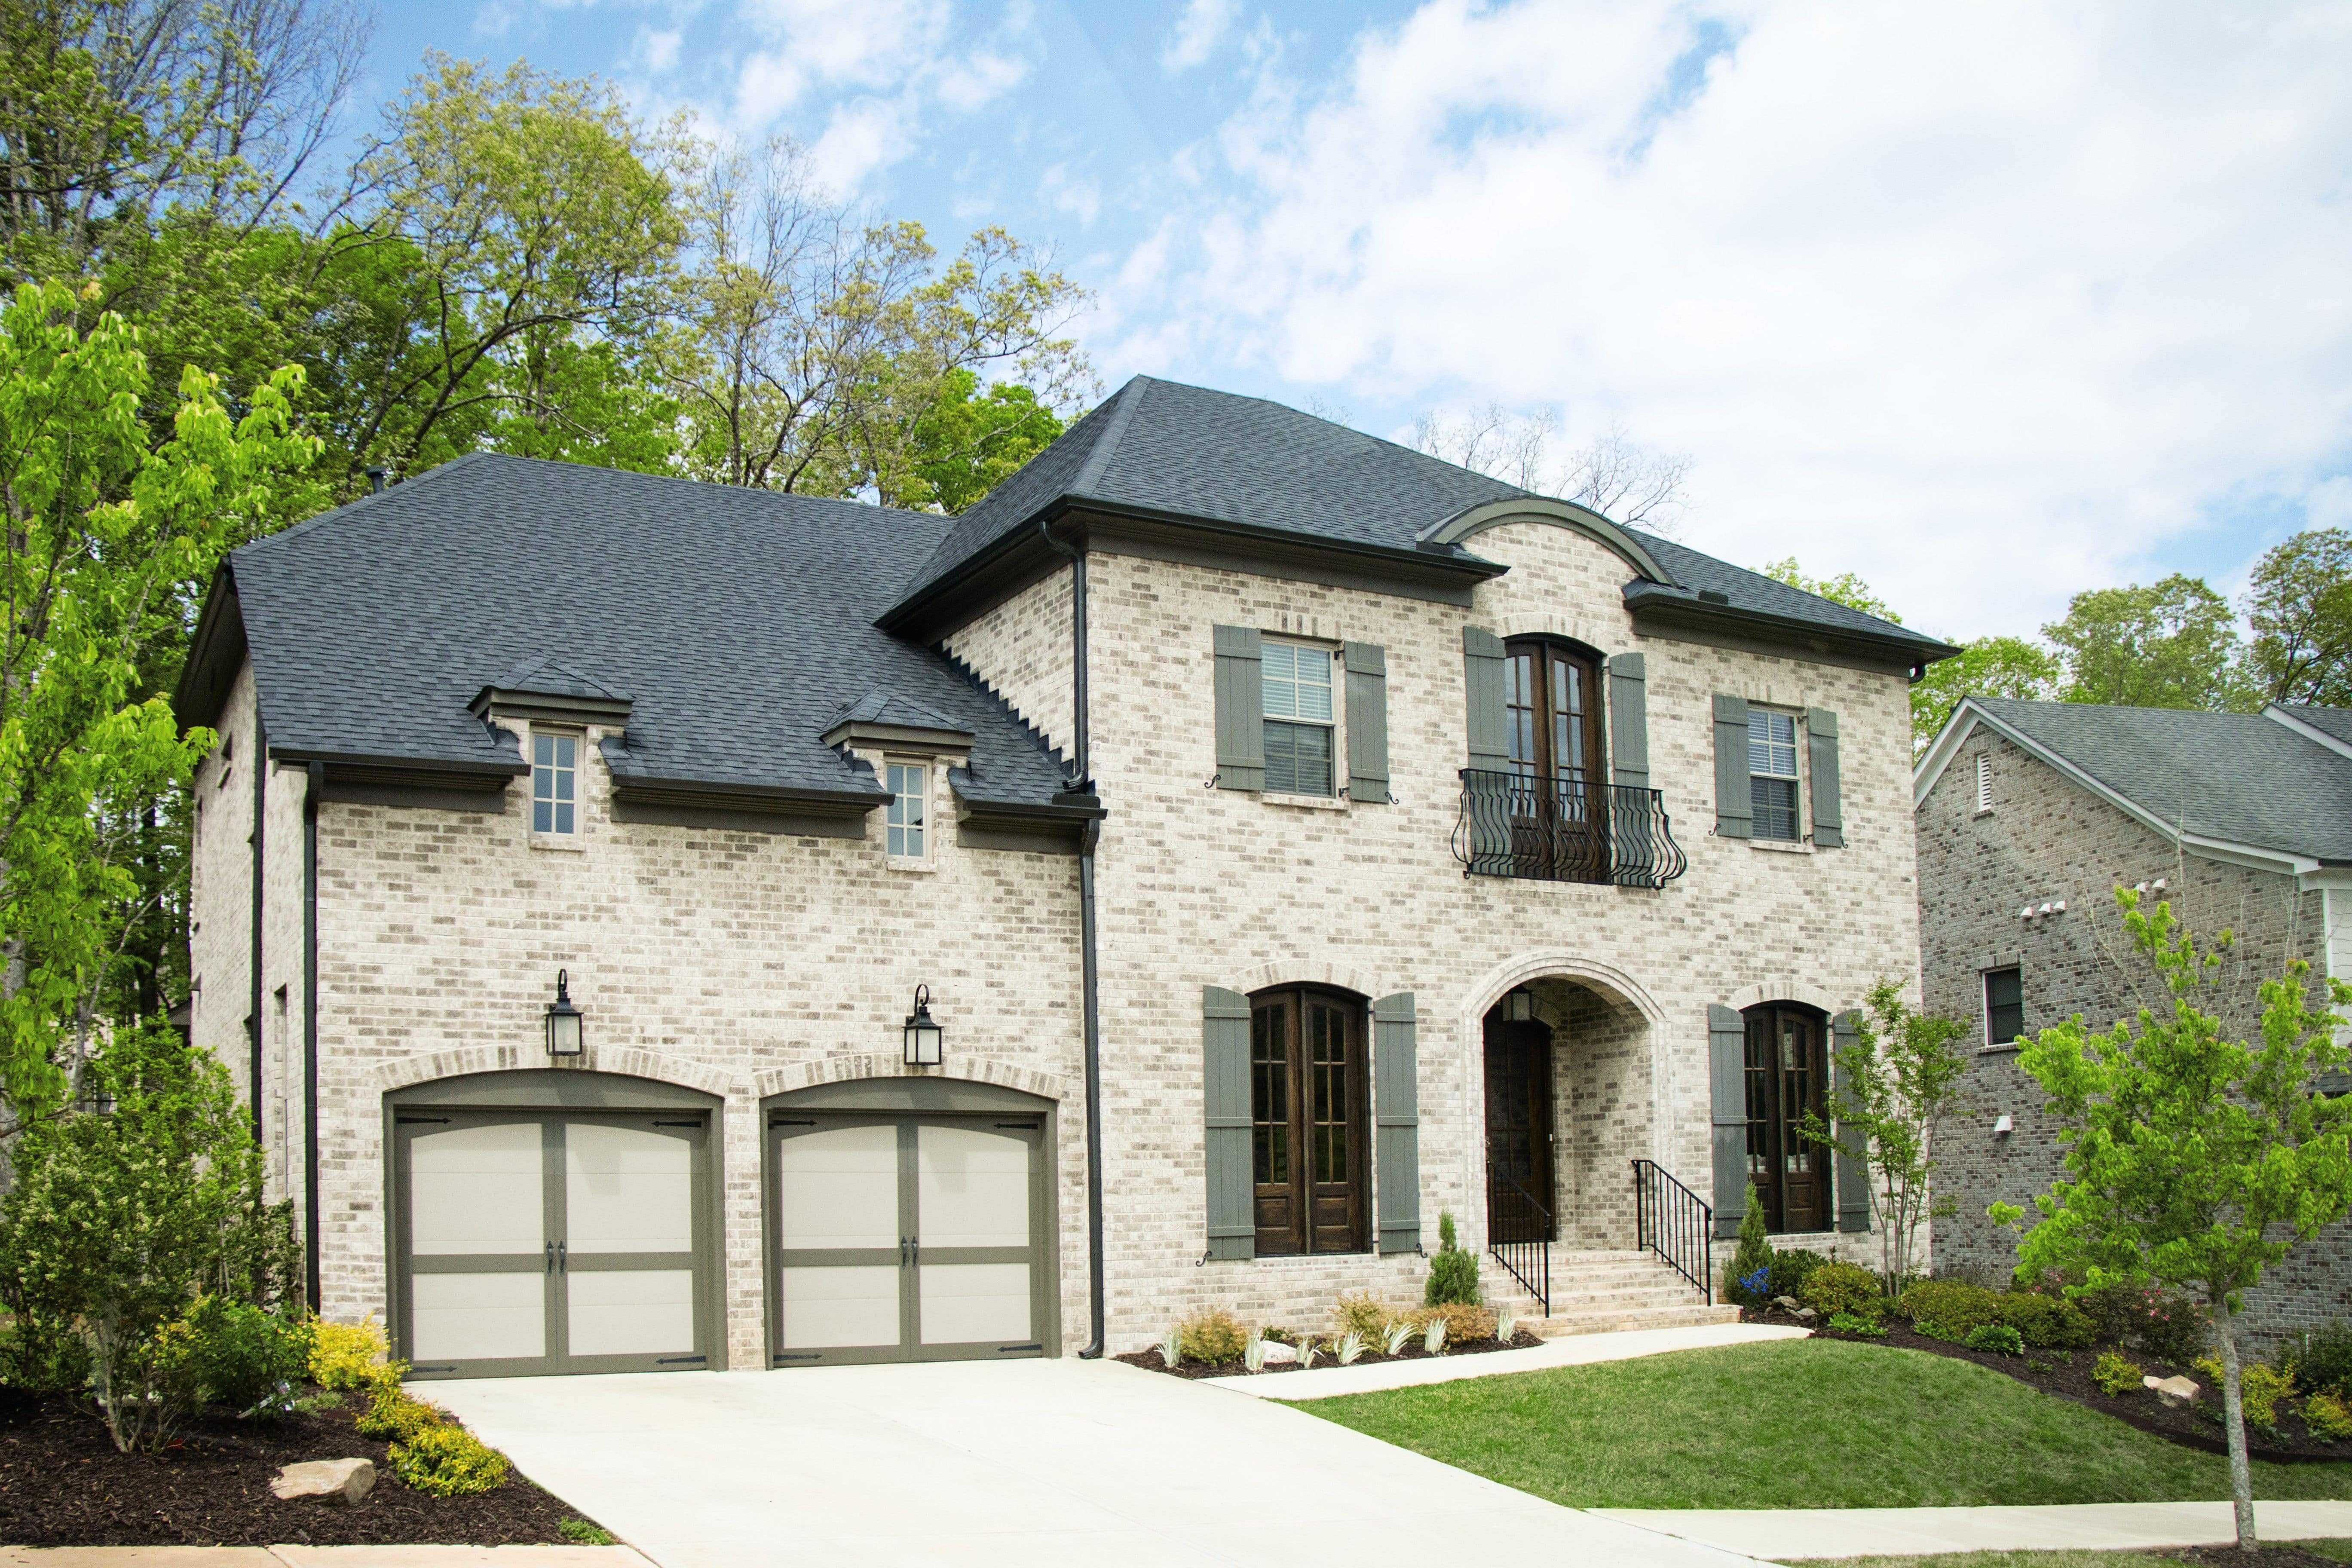 new garage doors on heritage home